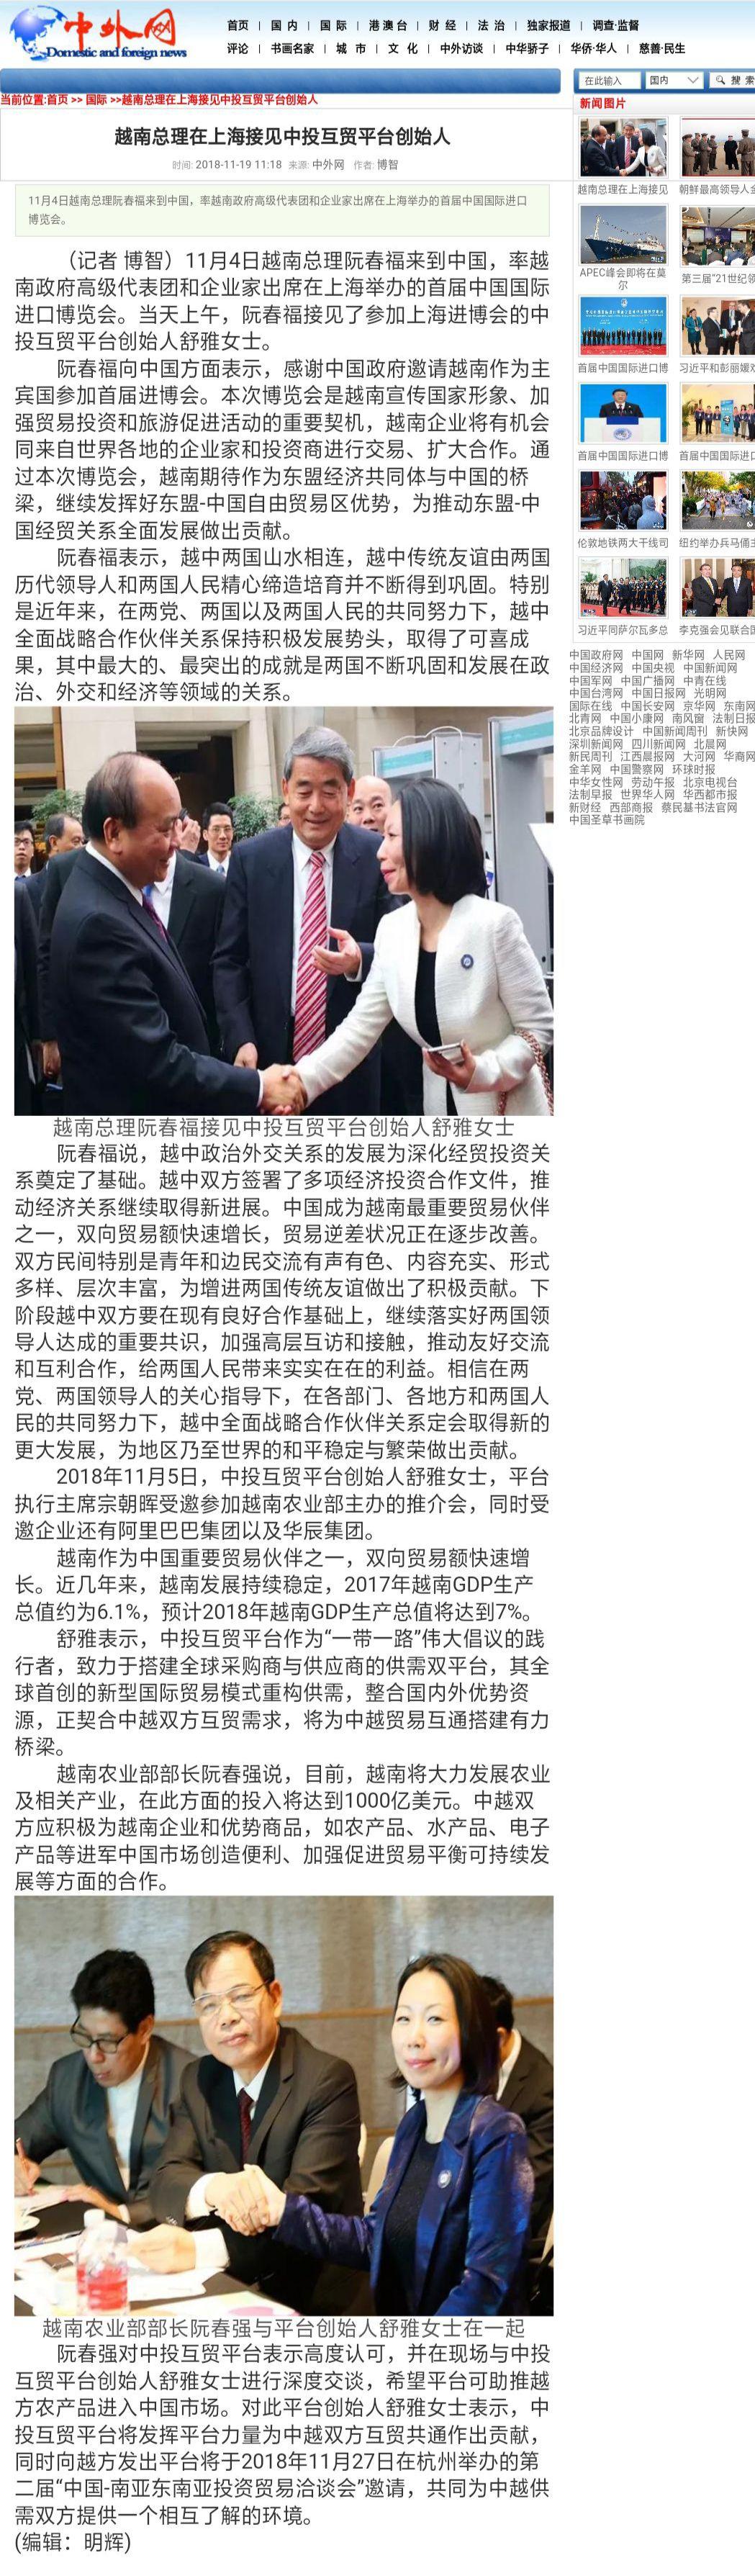 越南总理阮春福在上海进博会接见中投互贸平台创始人舒雅